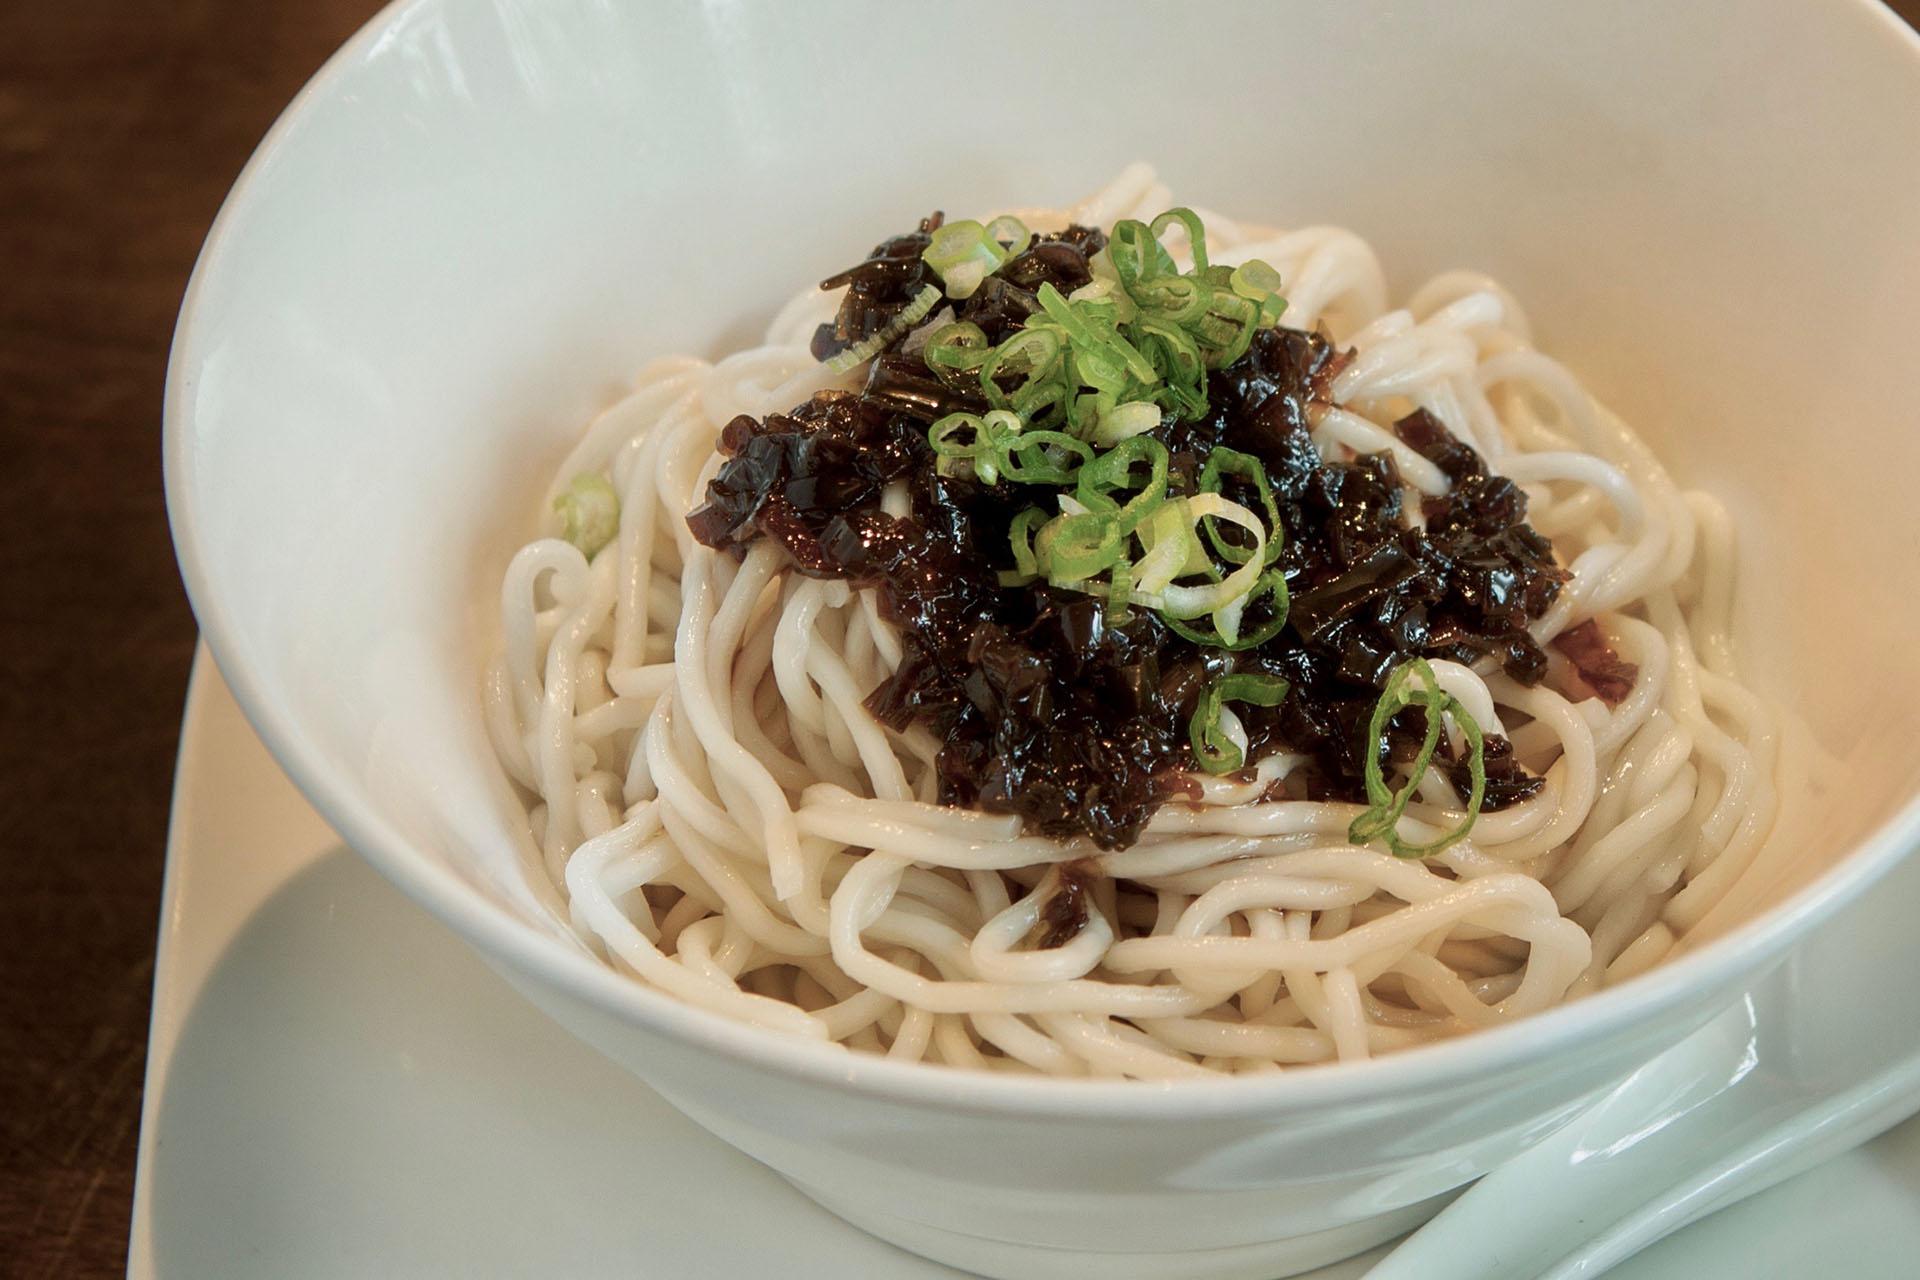 Scallion Noodle at Lee Chen Asian Bistro